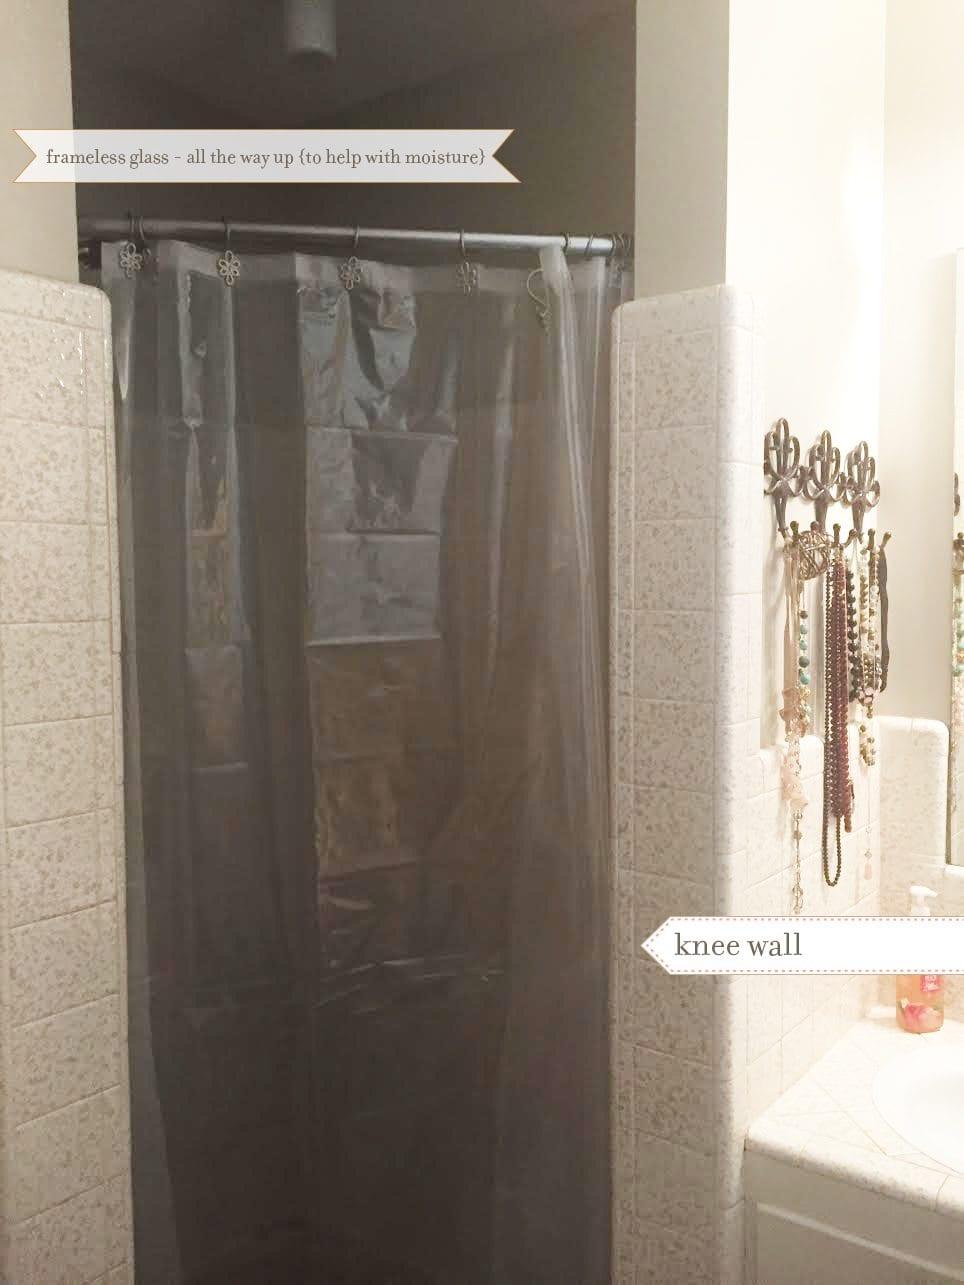 showerdiagram